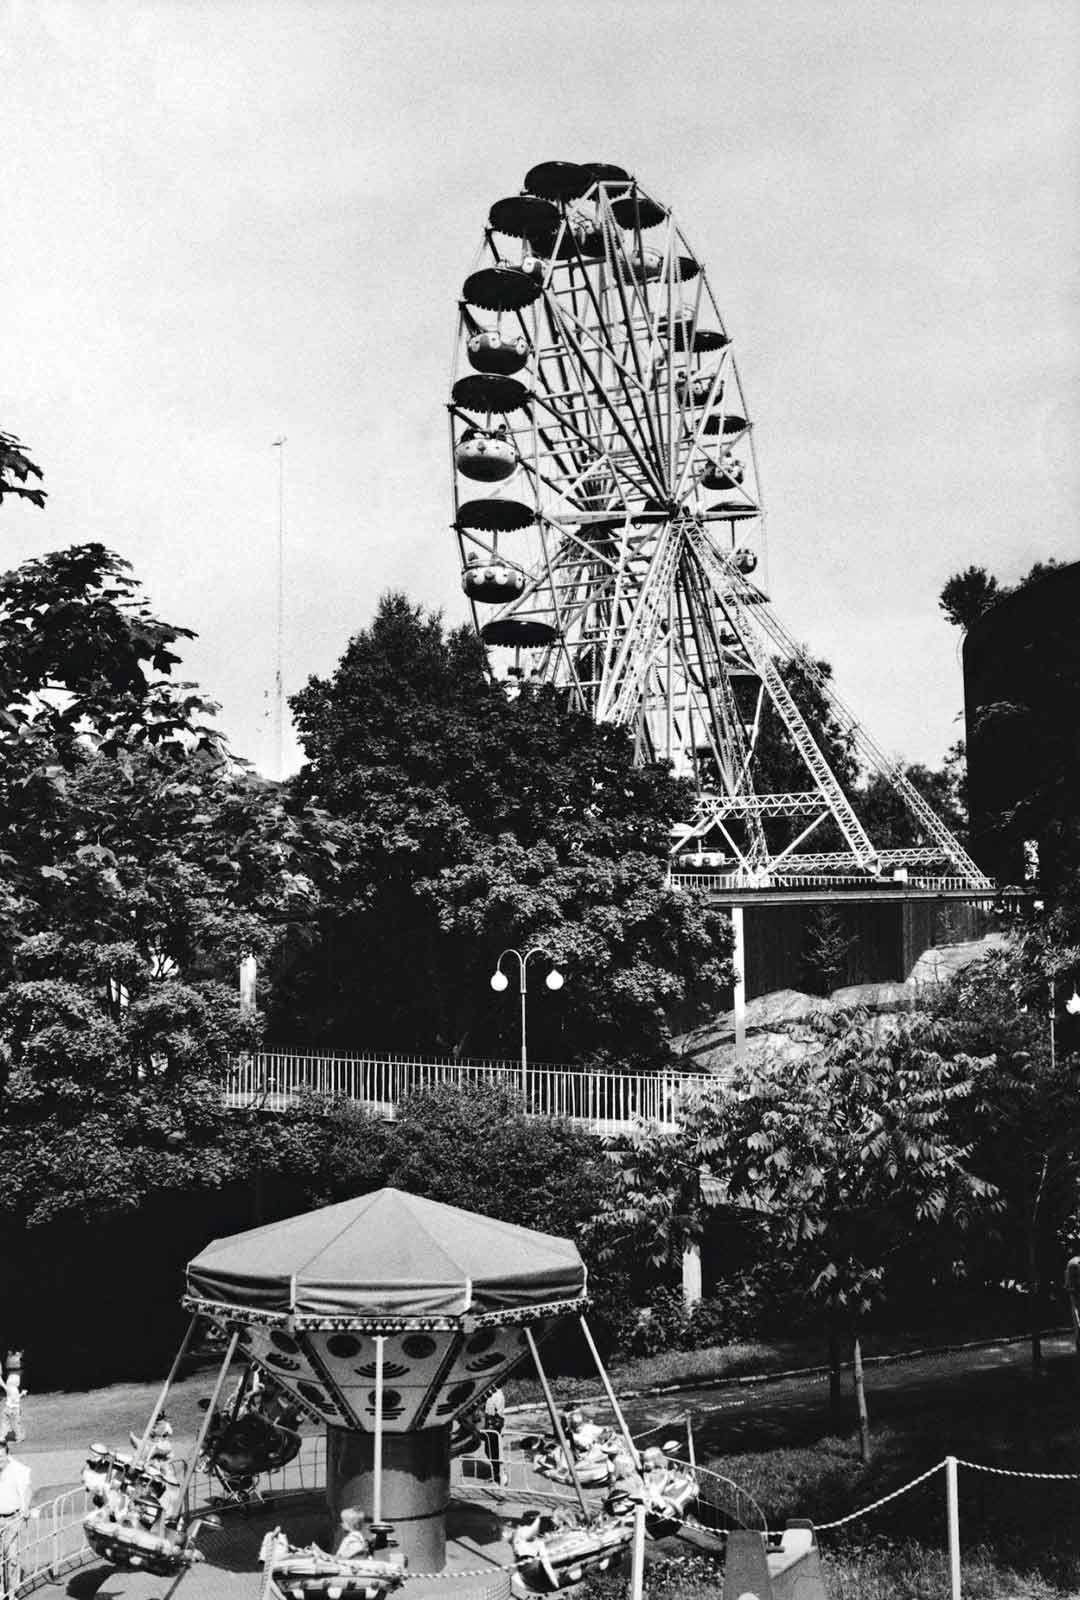 Maailmanpyörä on vaihtanut nimeä moneen kertaan ja on nykyään Rinkeli. 1980-luvun lapset muistavat Apollo-karusellin.